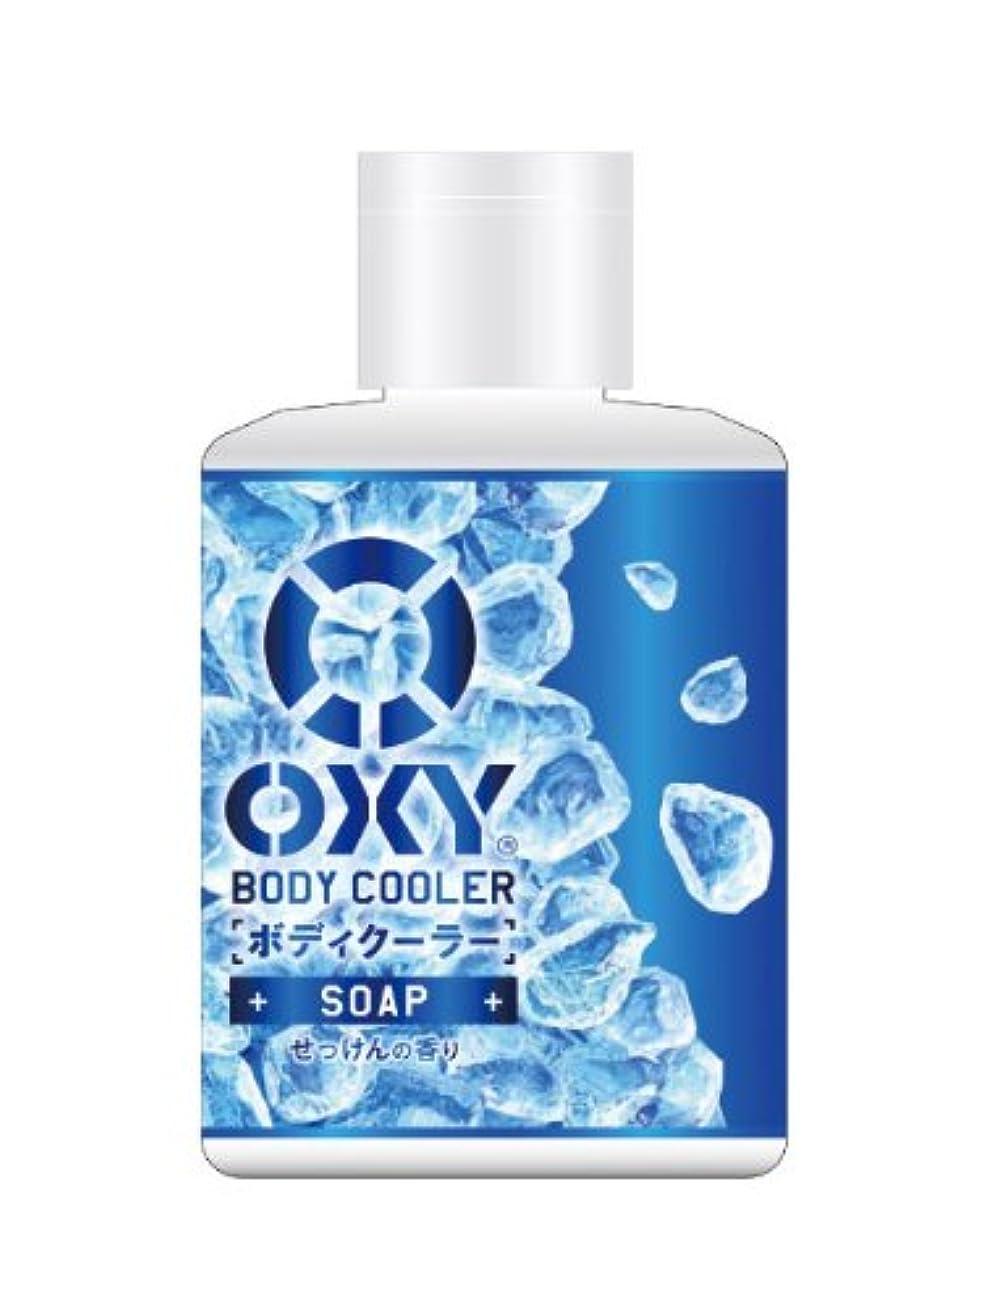 緊急化粧耐えるオキシー ボディクーラー せっけんの香り 100mL